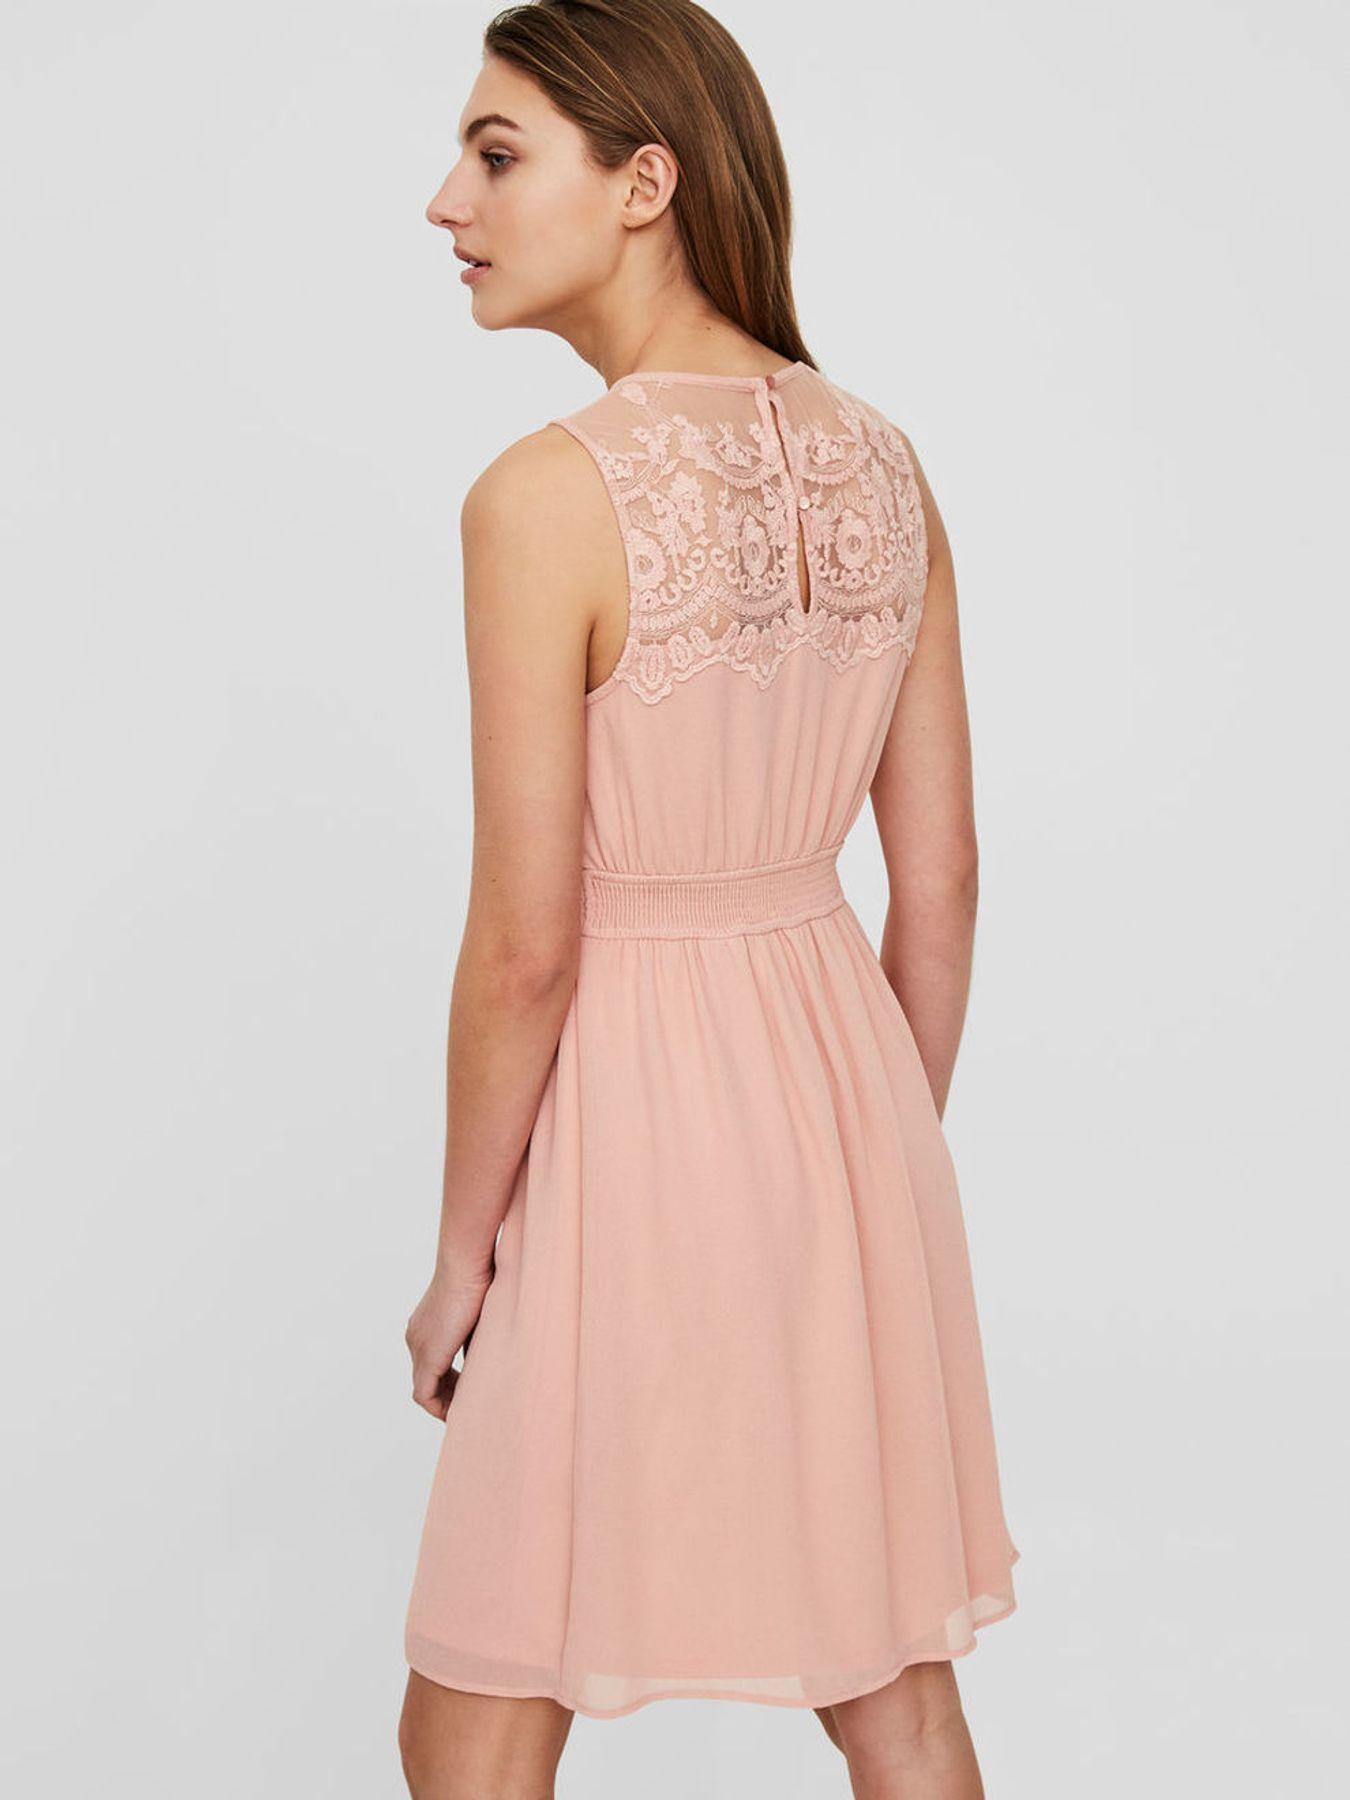 VERO MODA - Damen Spitzen Kleid ohne Ärmel in rose oder blau (10193196) – Bild 4